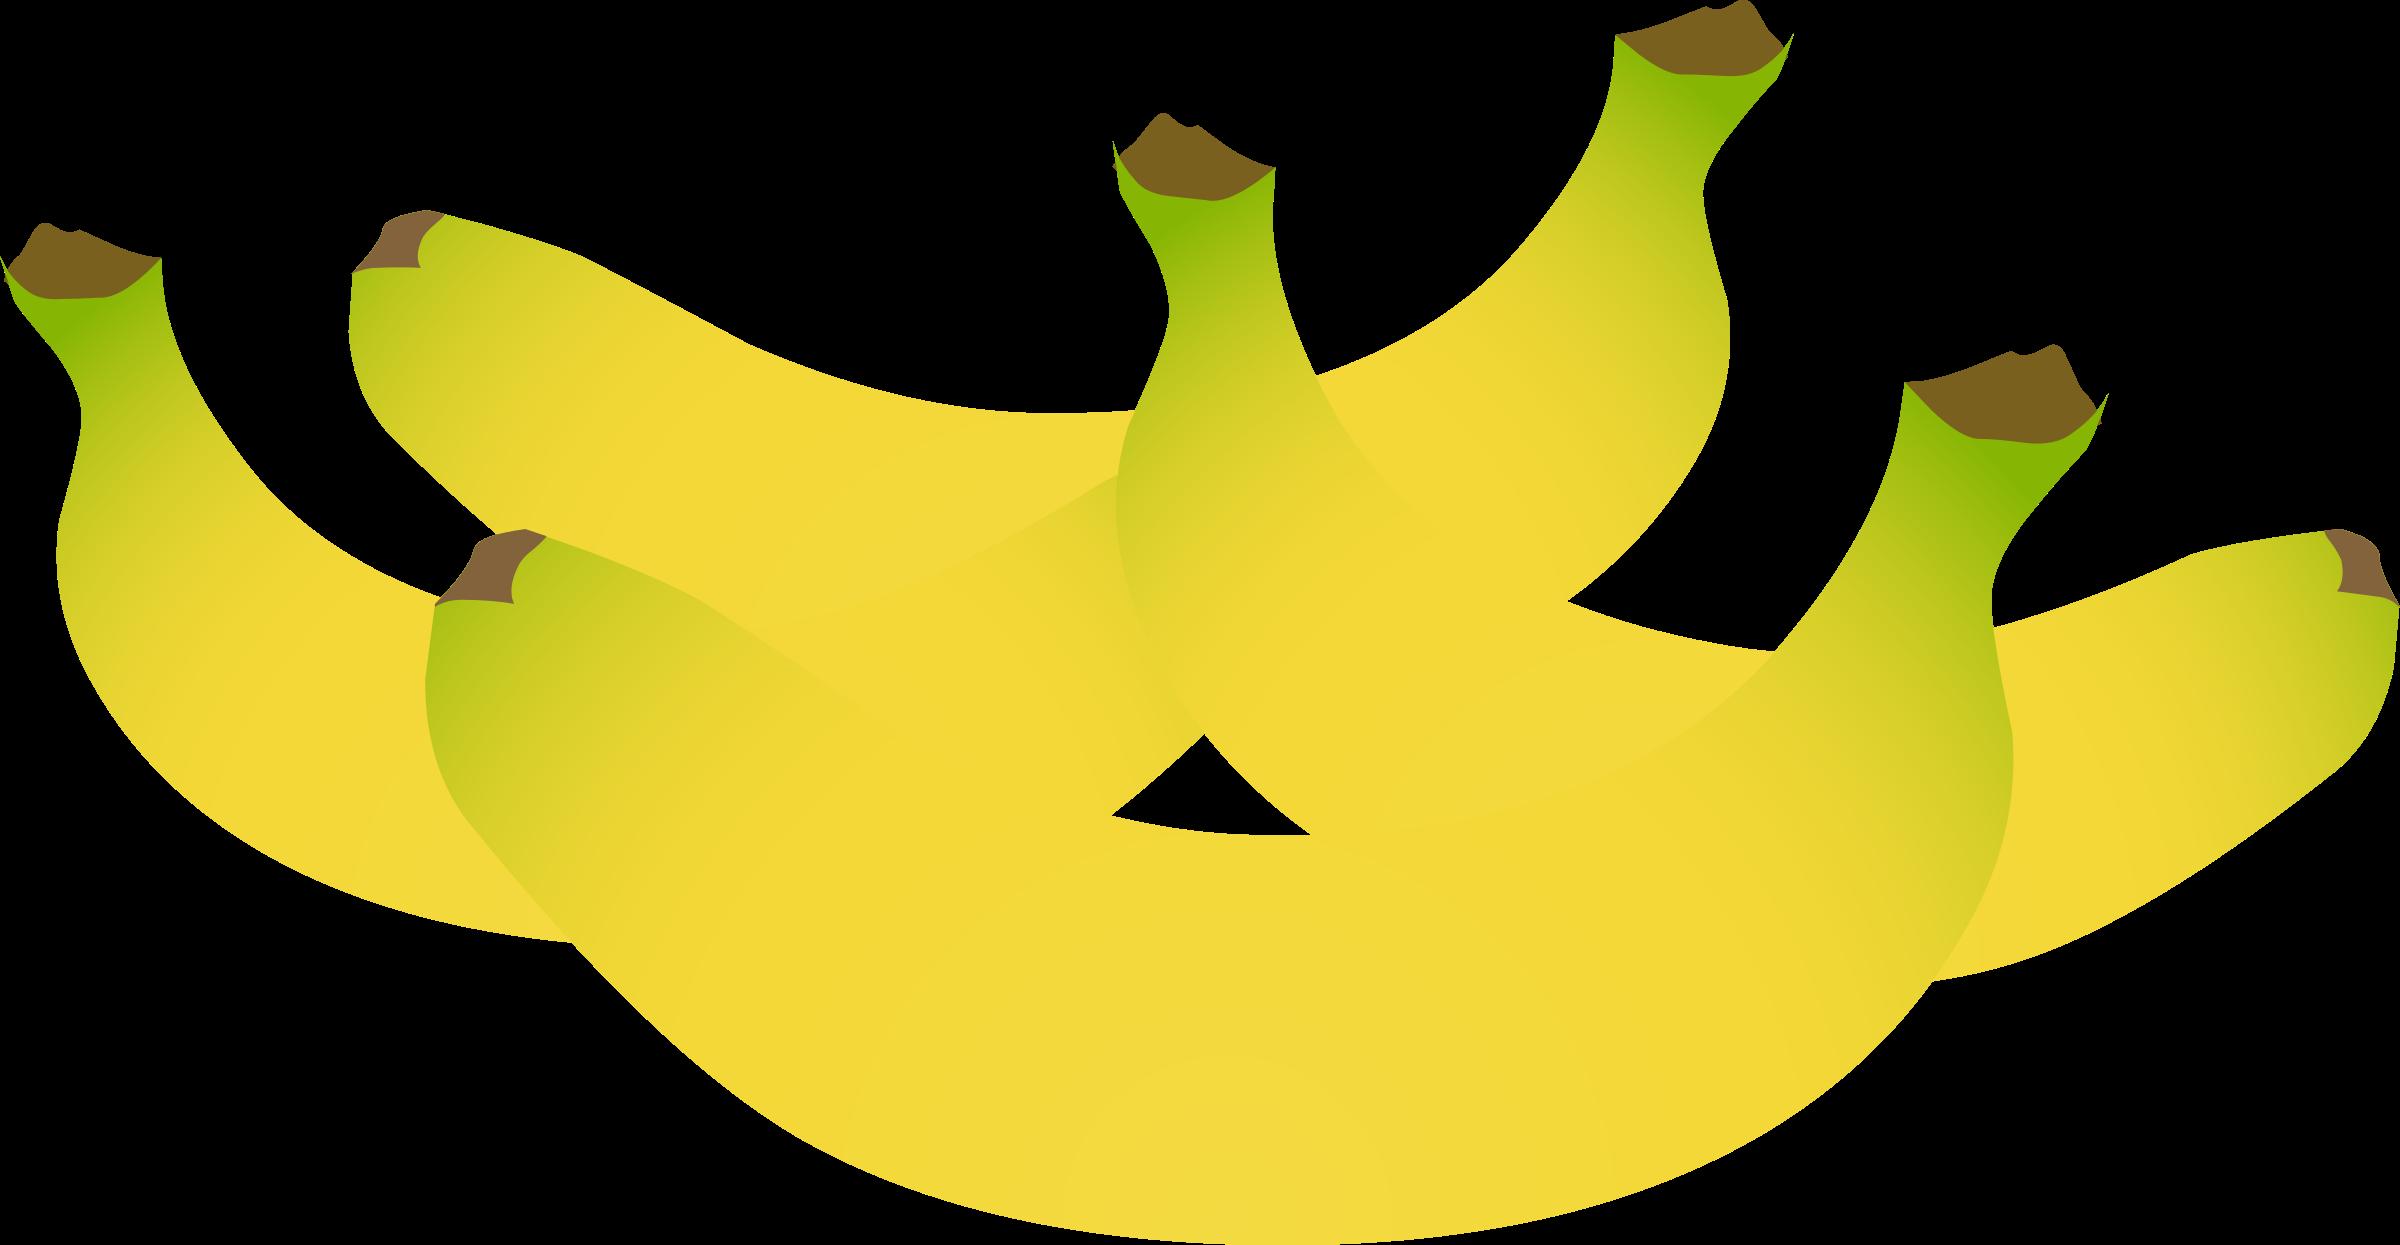 Cliparts zu essen und trinken image freeuse library Clipart - Food Banana image freeuse library